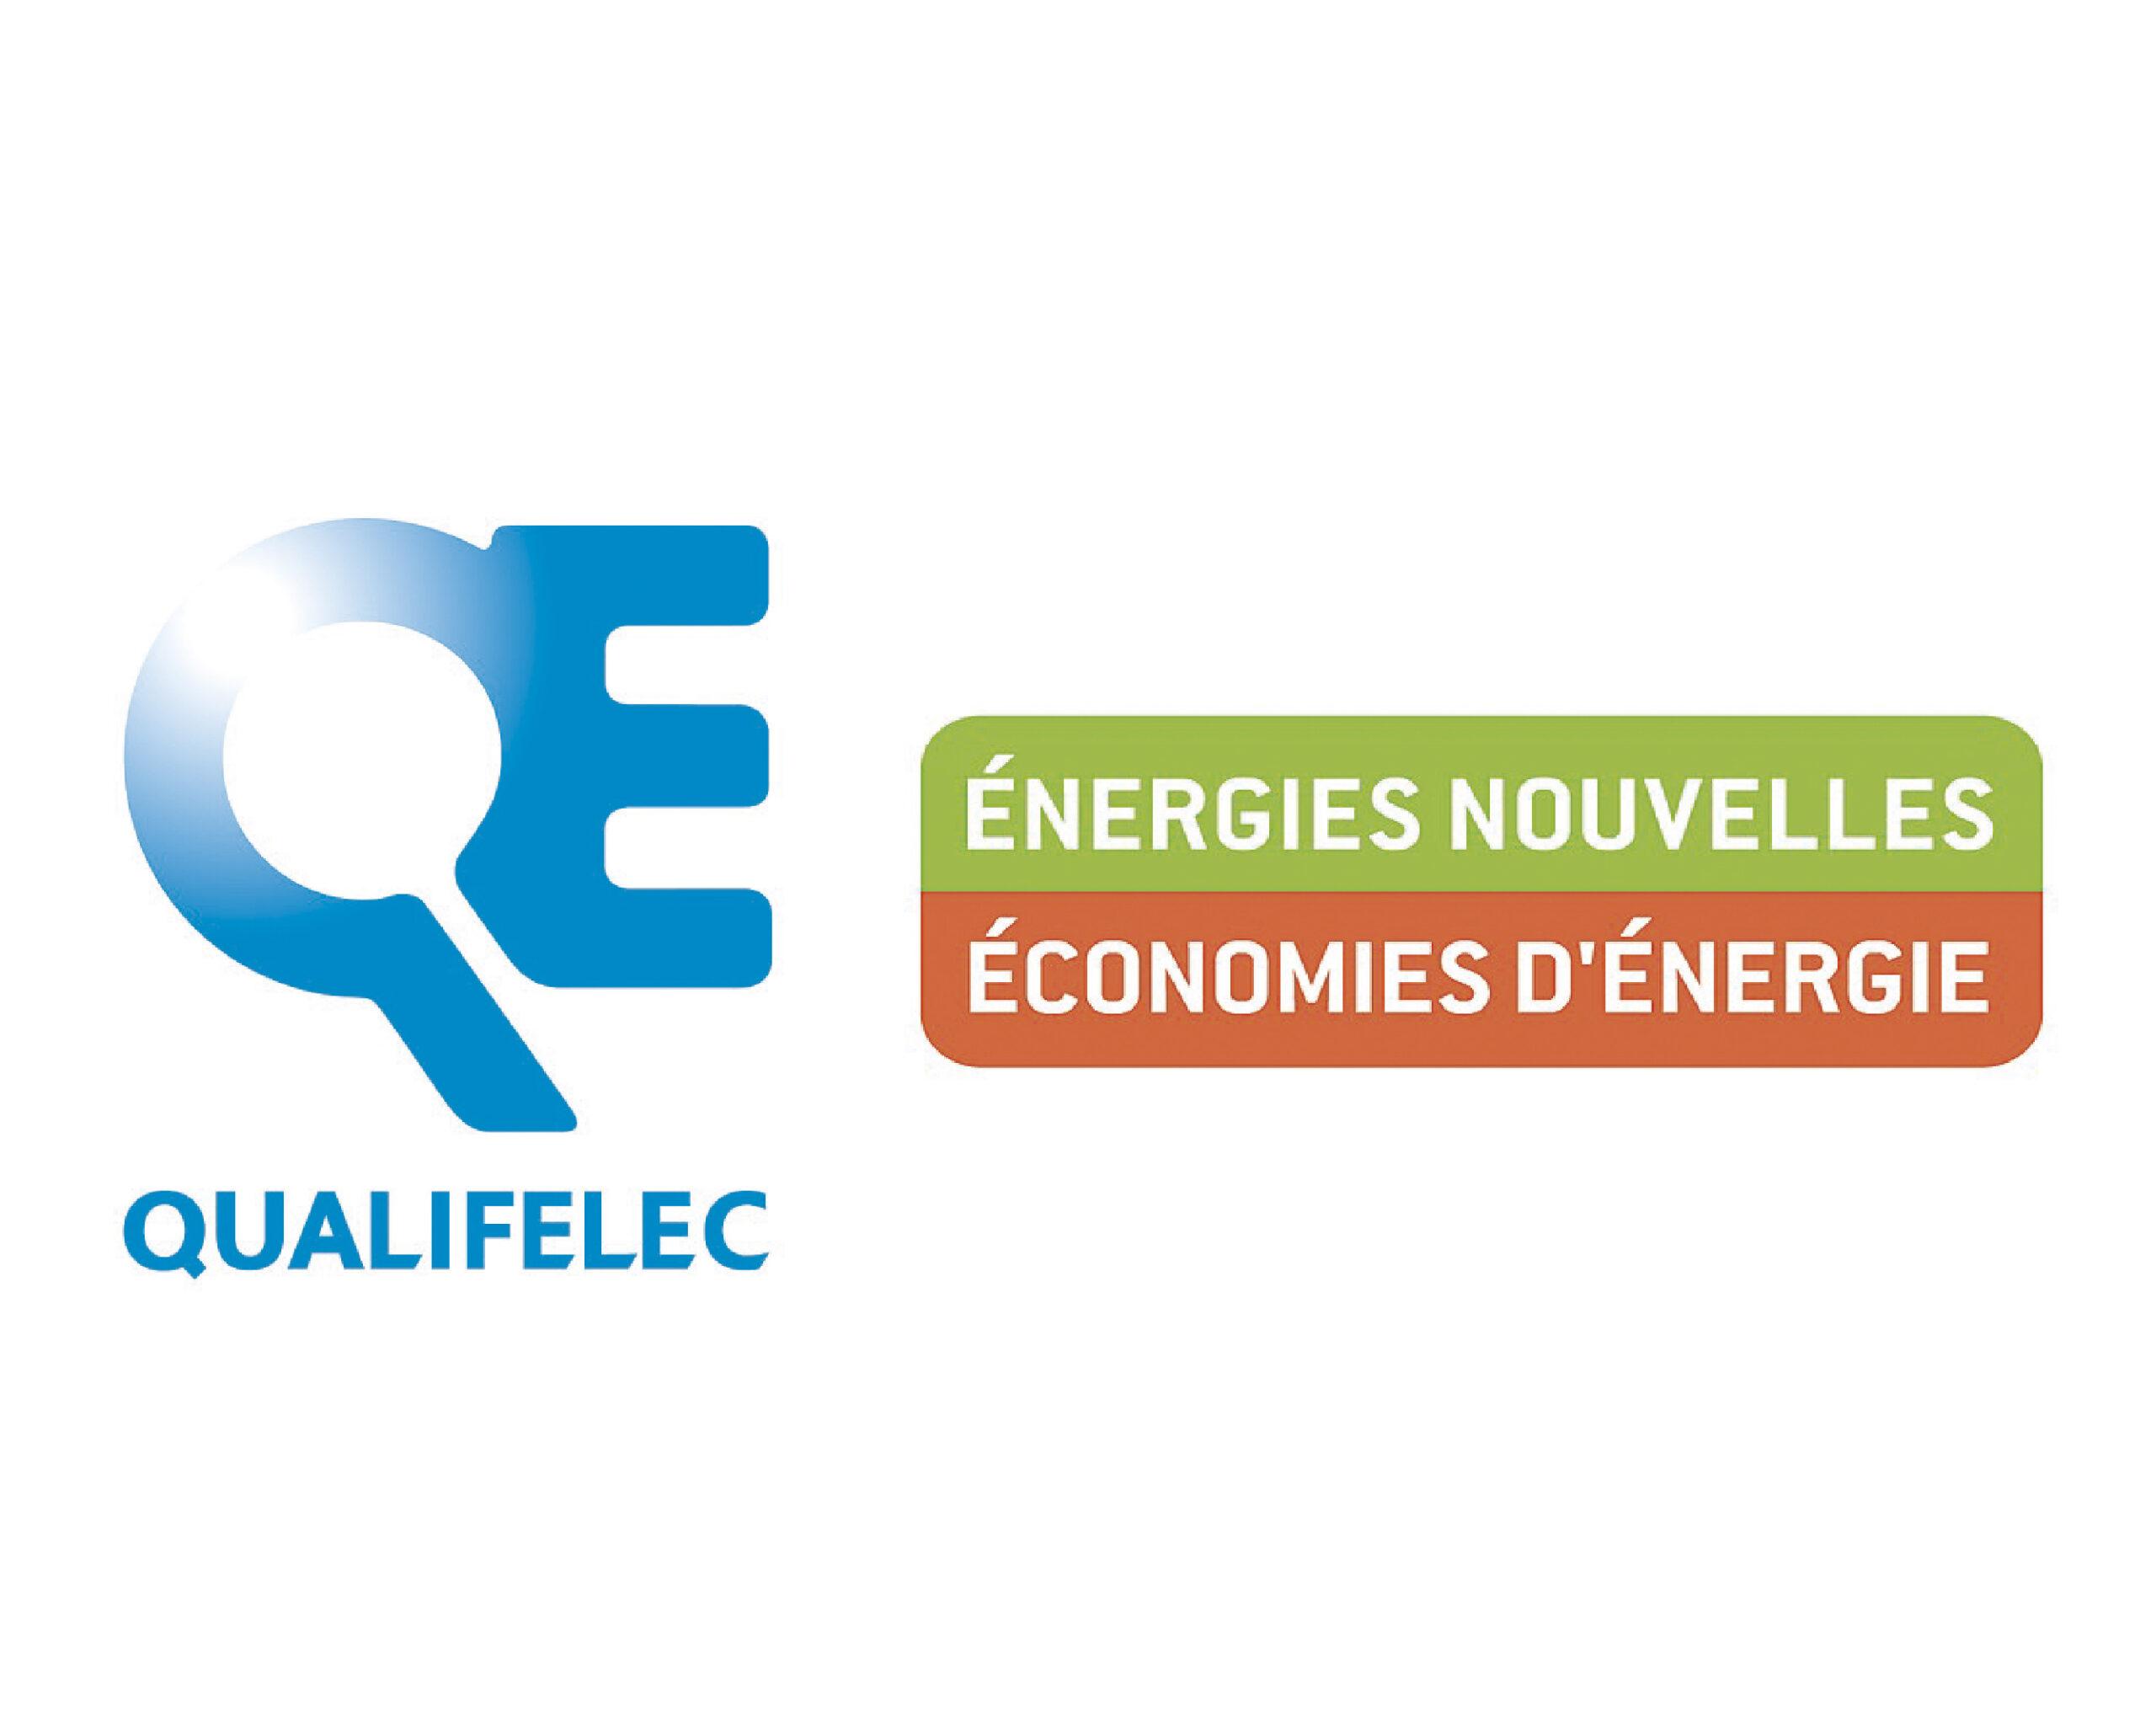 Logo-QUALIFELEC-formation continue-idea elec-electricite generale-bordeaux